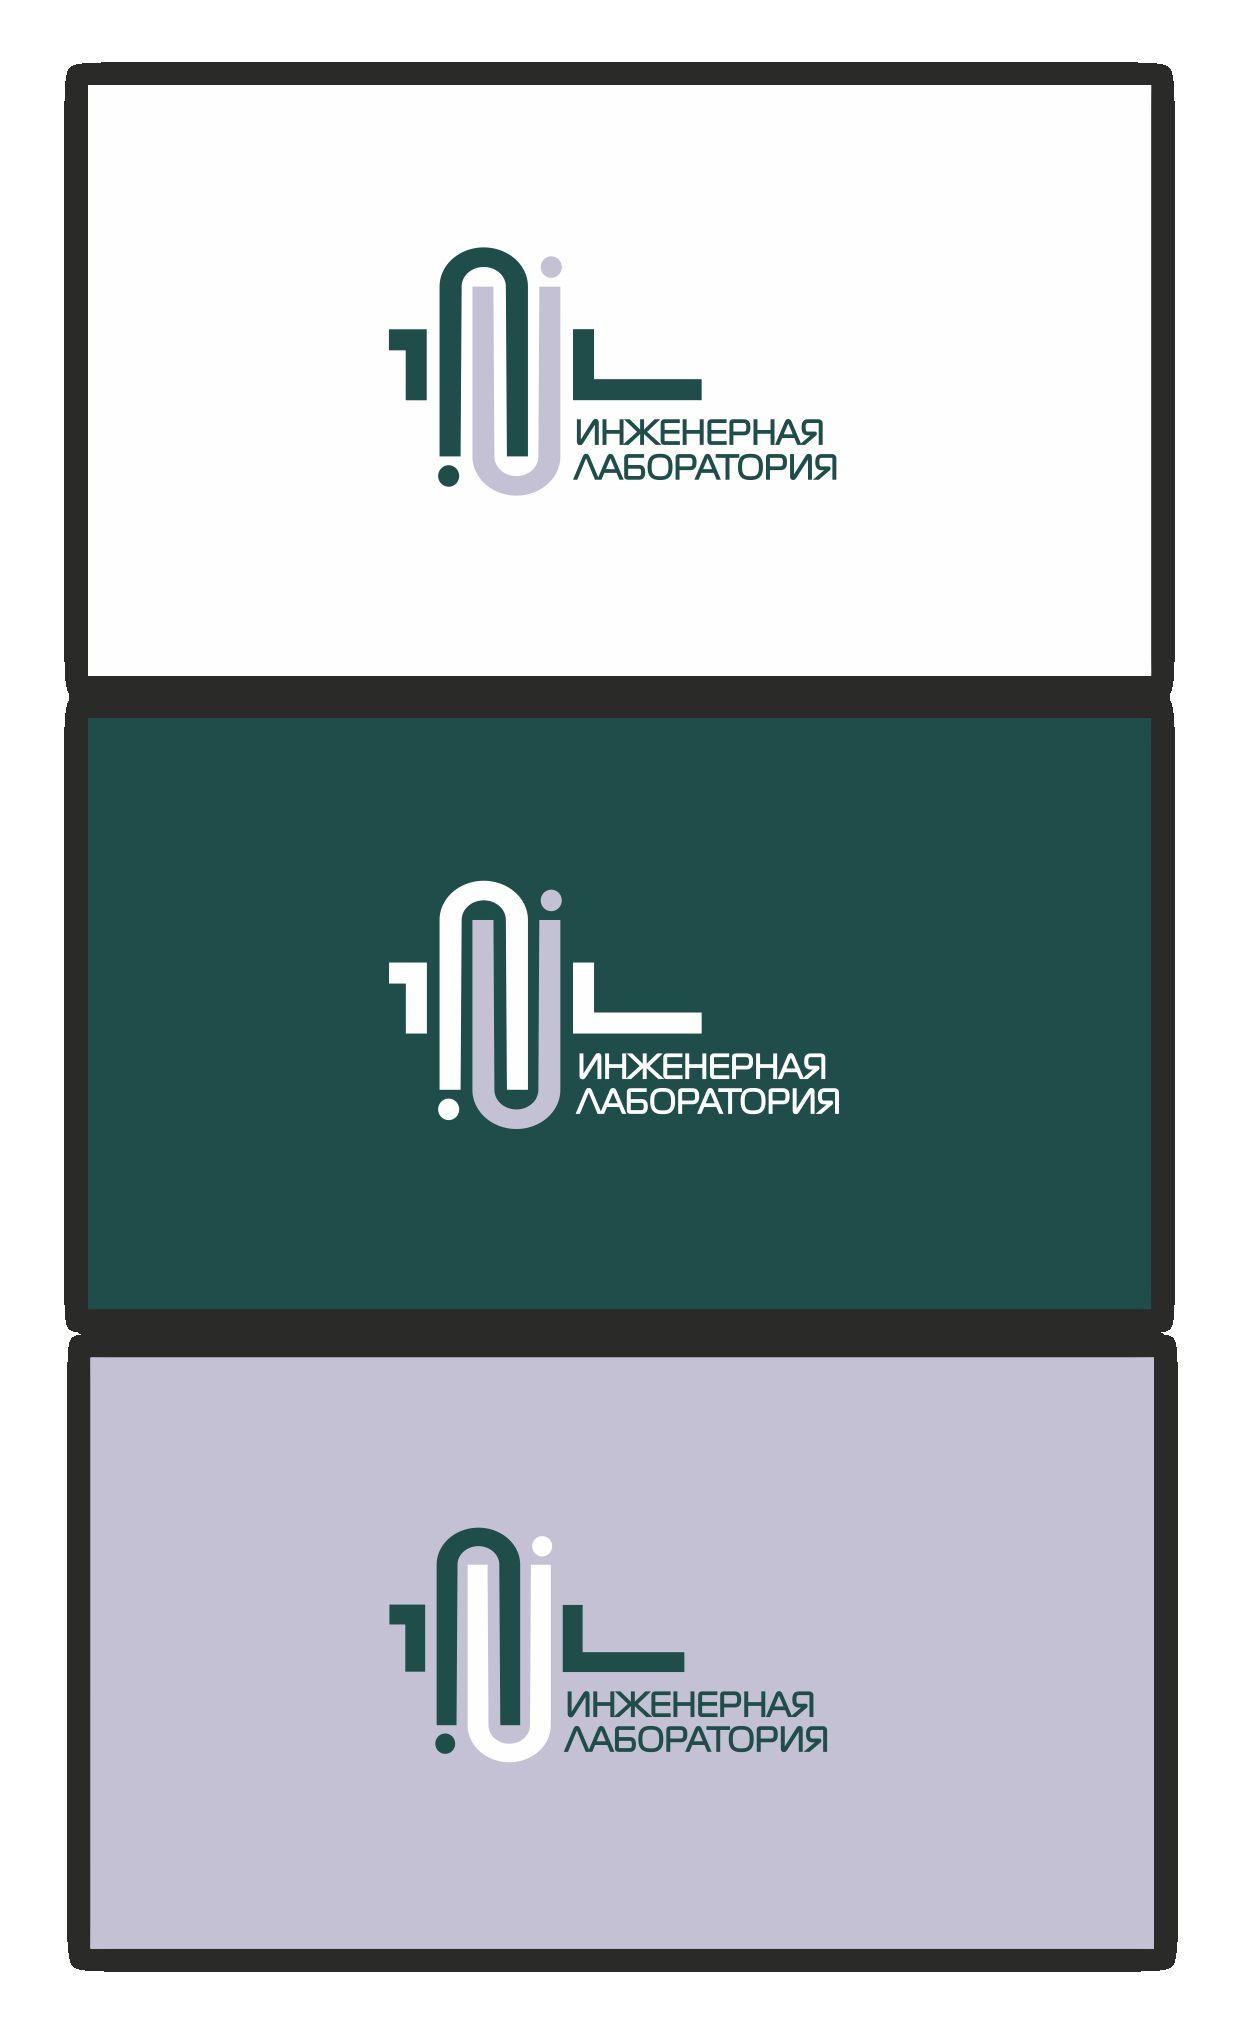 Лого и фирменный стиль для Инженерная лаборатория  - дизайнер Ramina